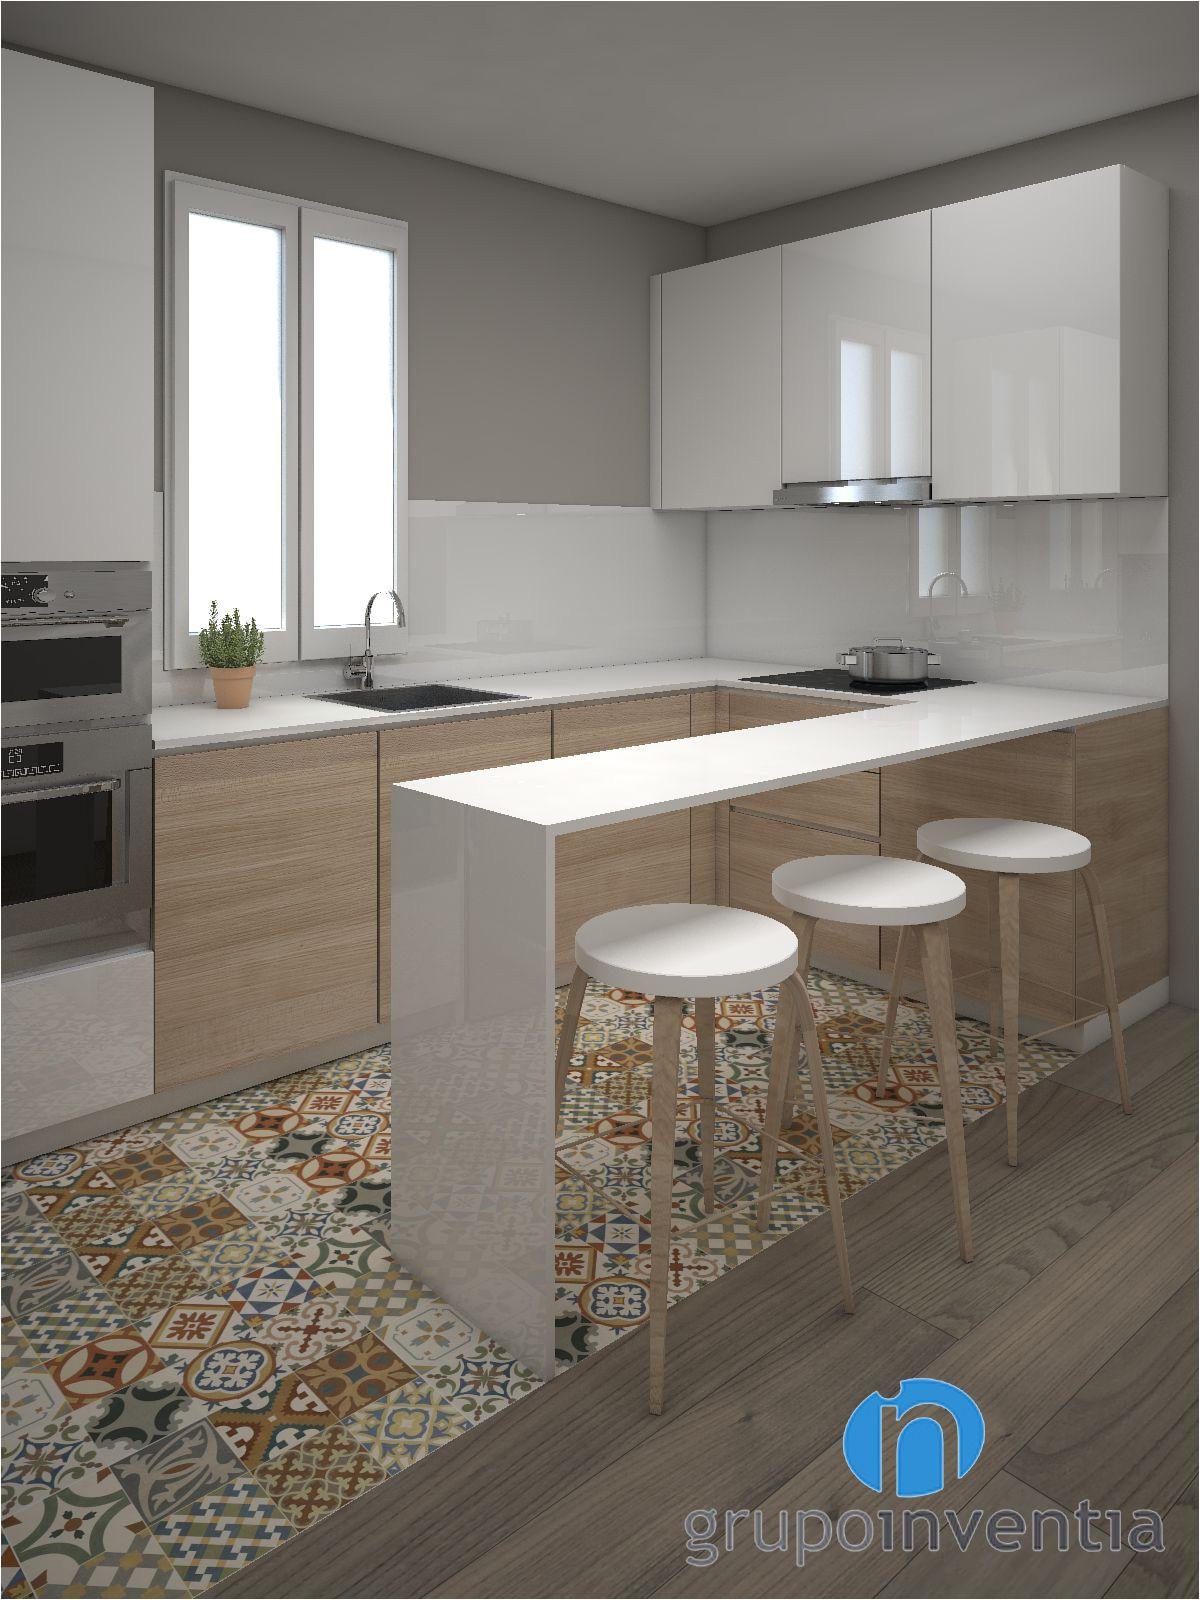 en cualquier cocina sin importar en estilo del disea o el mobiliario es de suma importancia dentro de las soluciones clasicas nos encontramos con alacenas